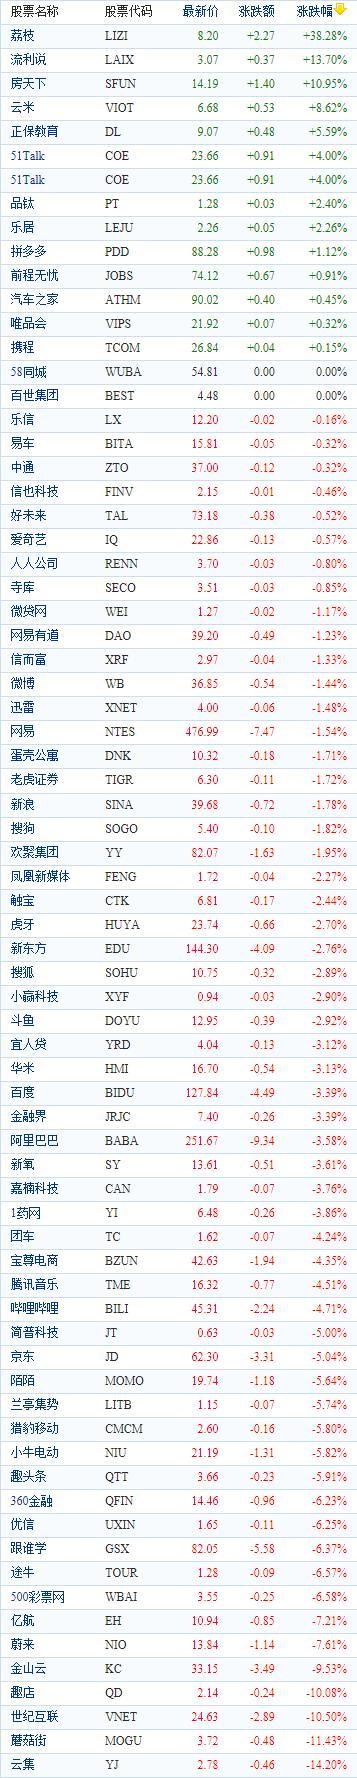 中国概念股周一收盘多数下跌 荔枝飙涨逾38%